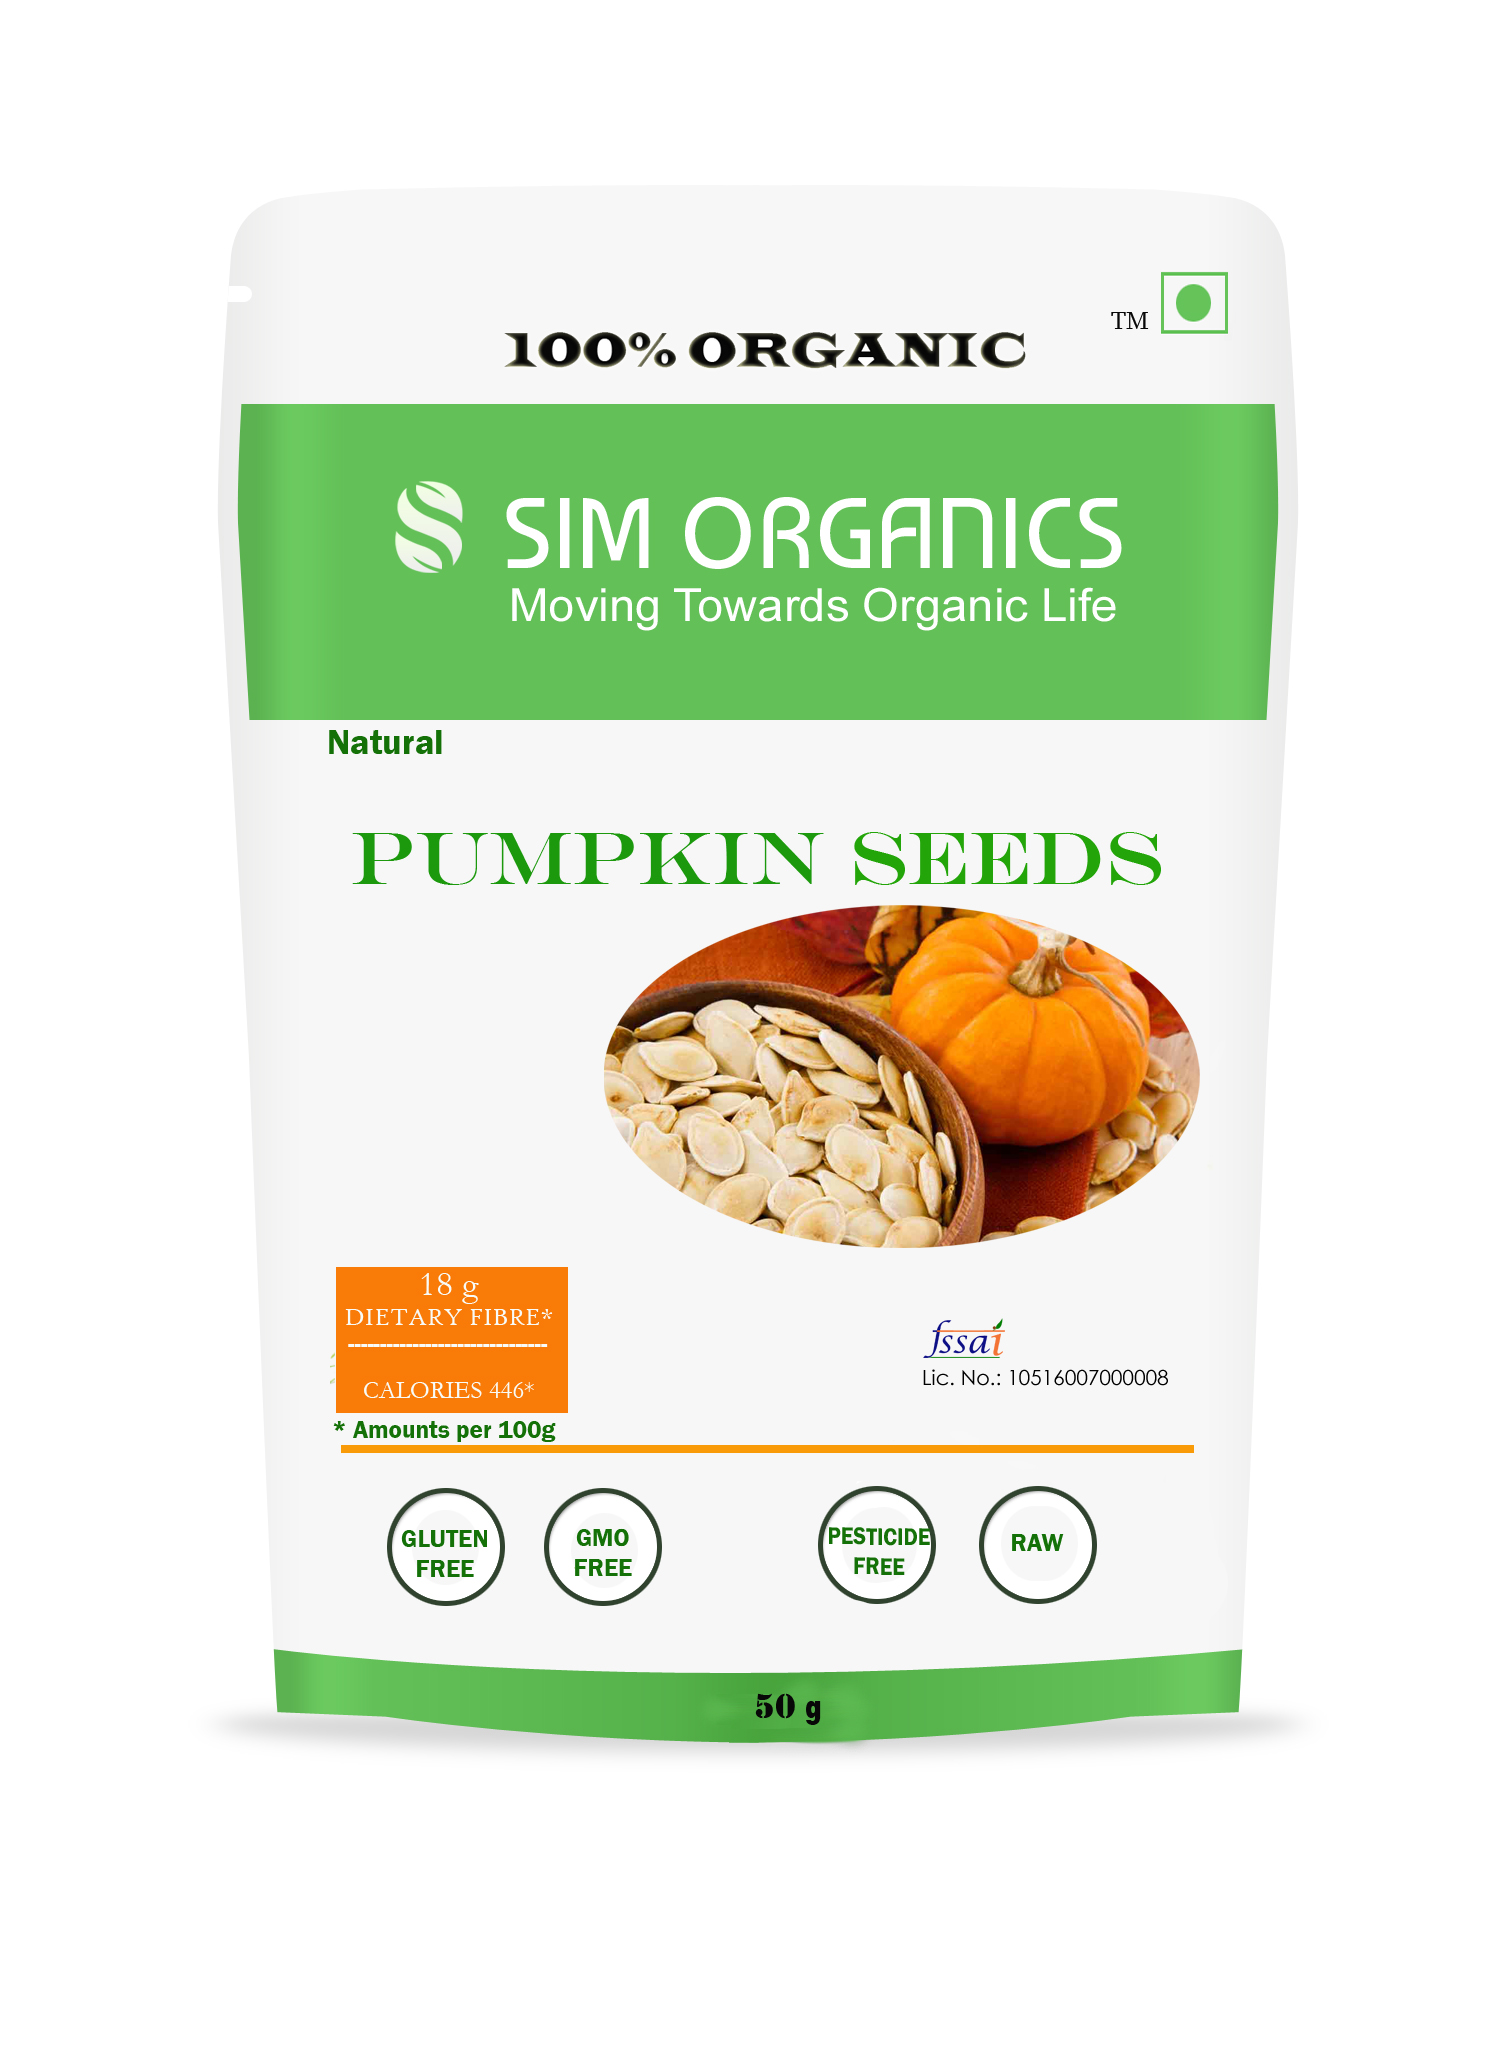 SIM Organics Pumpkin Seeds